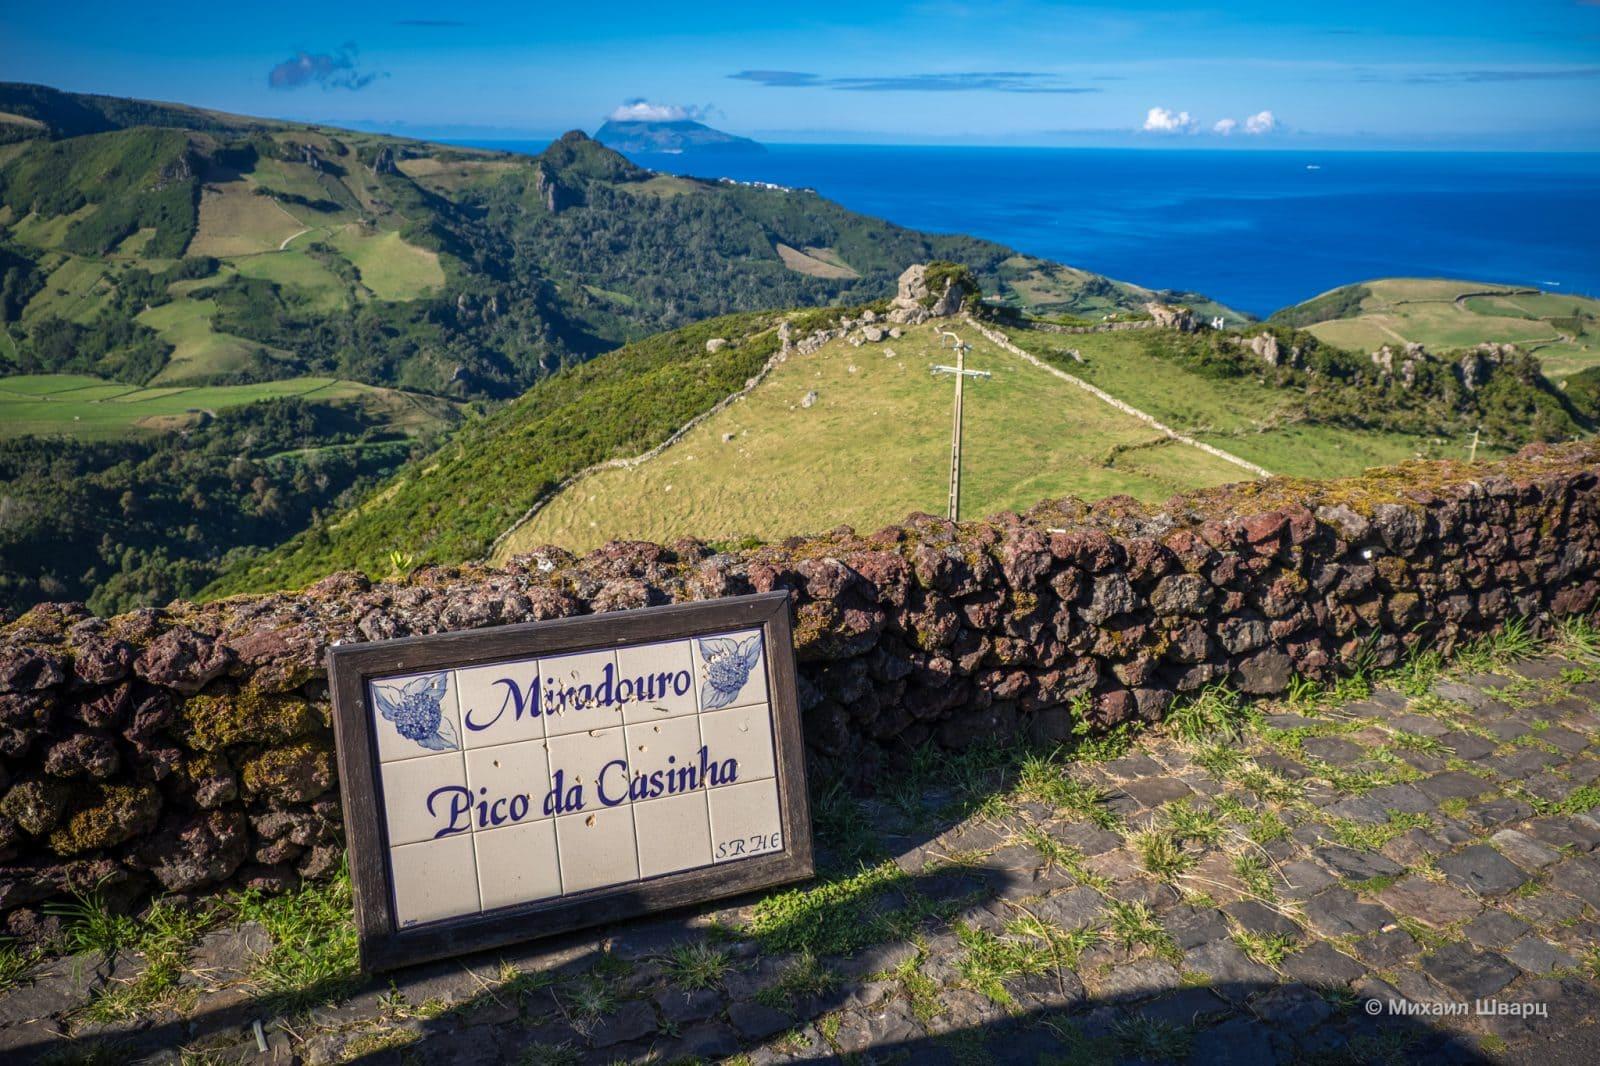 Miradouro Pico da Casinha